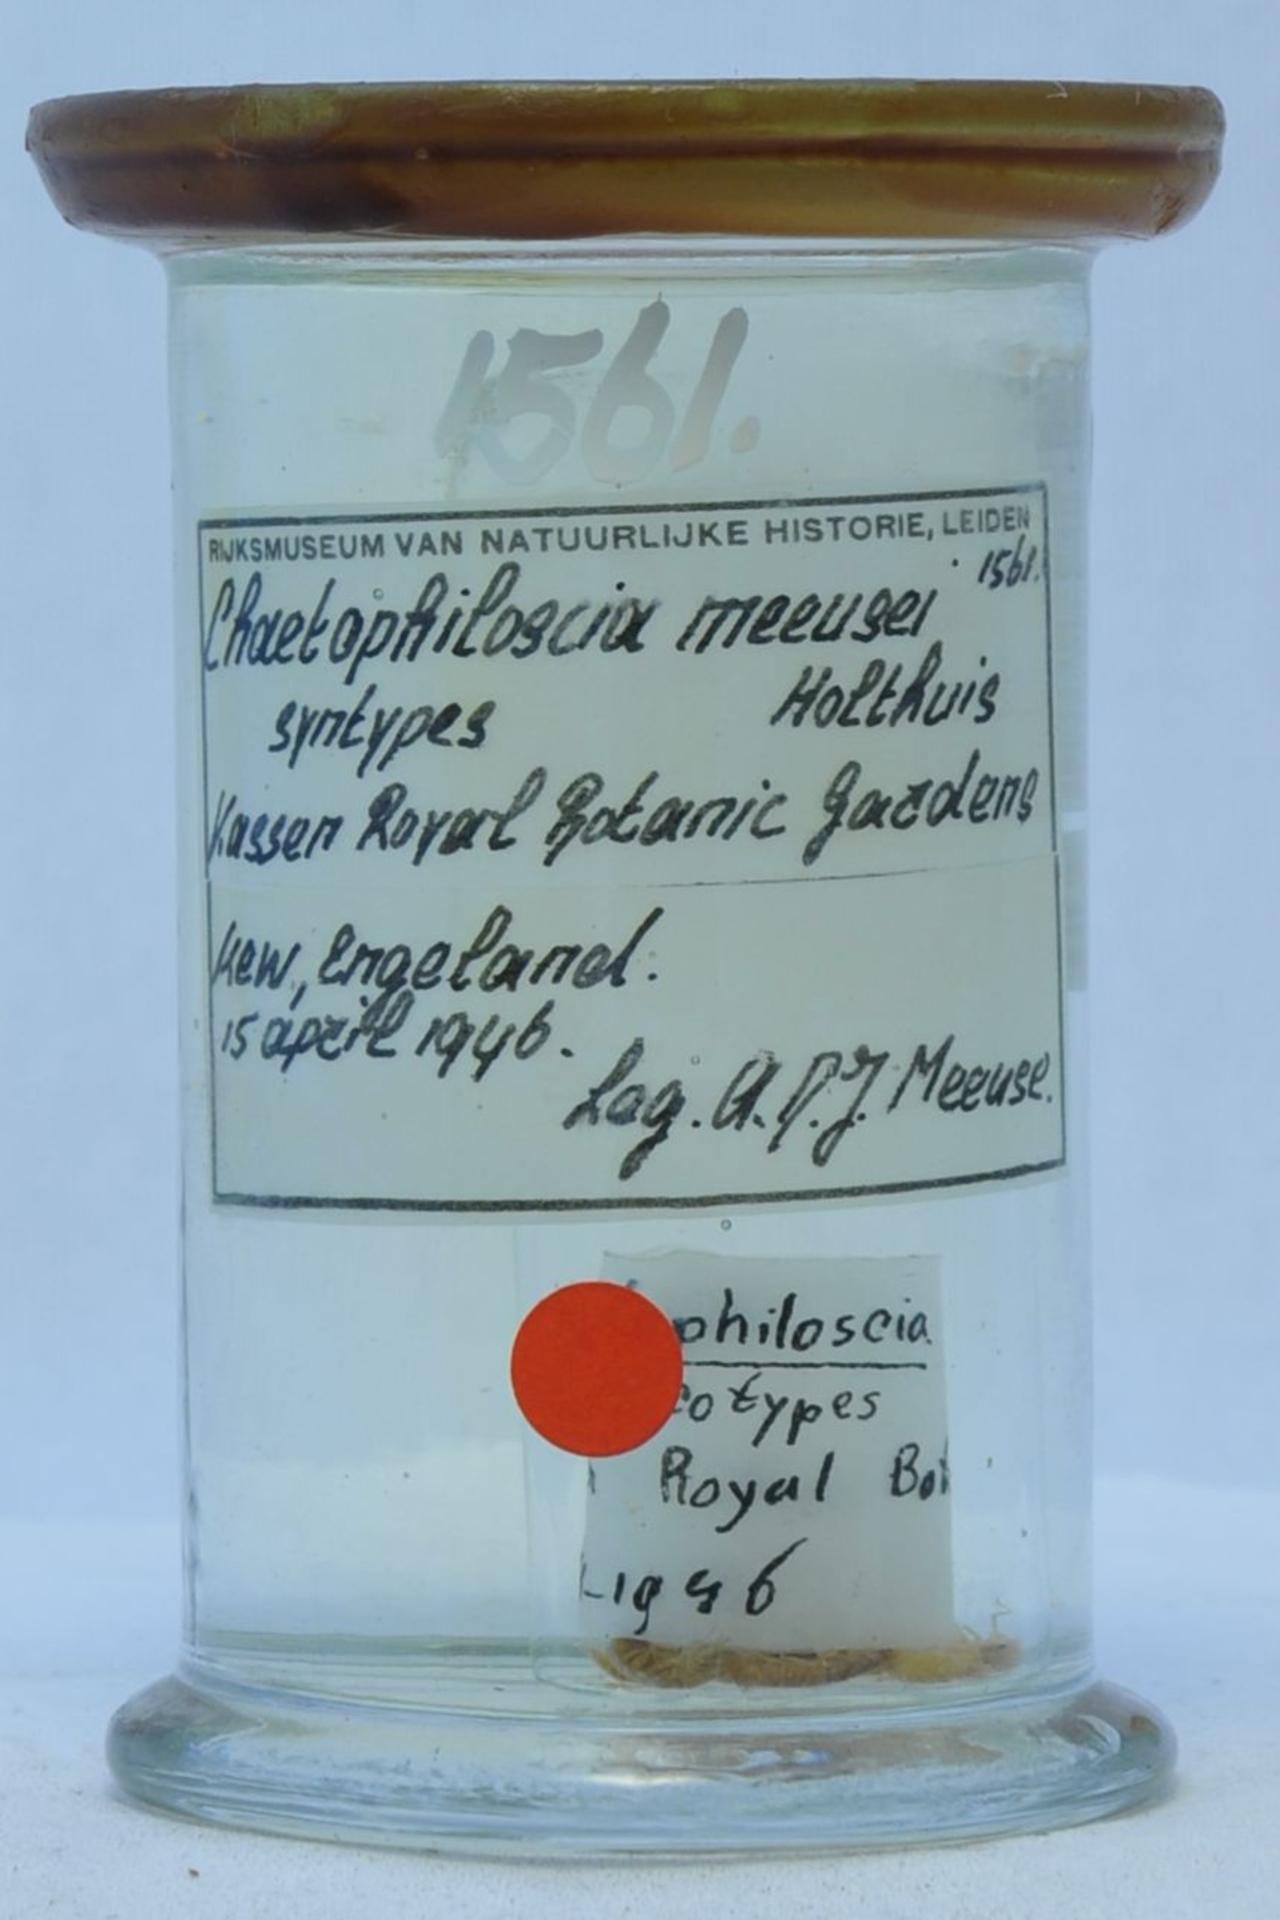 RMNH.CRUS.I.1561 | Chaetophiloscia meeusei Holthuis